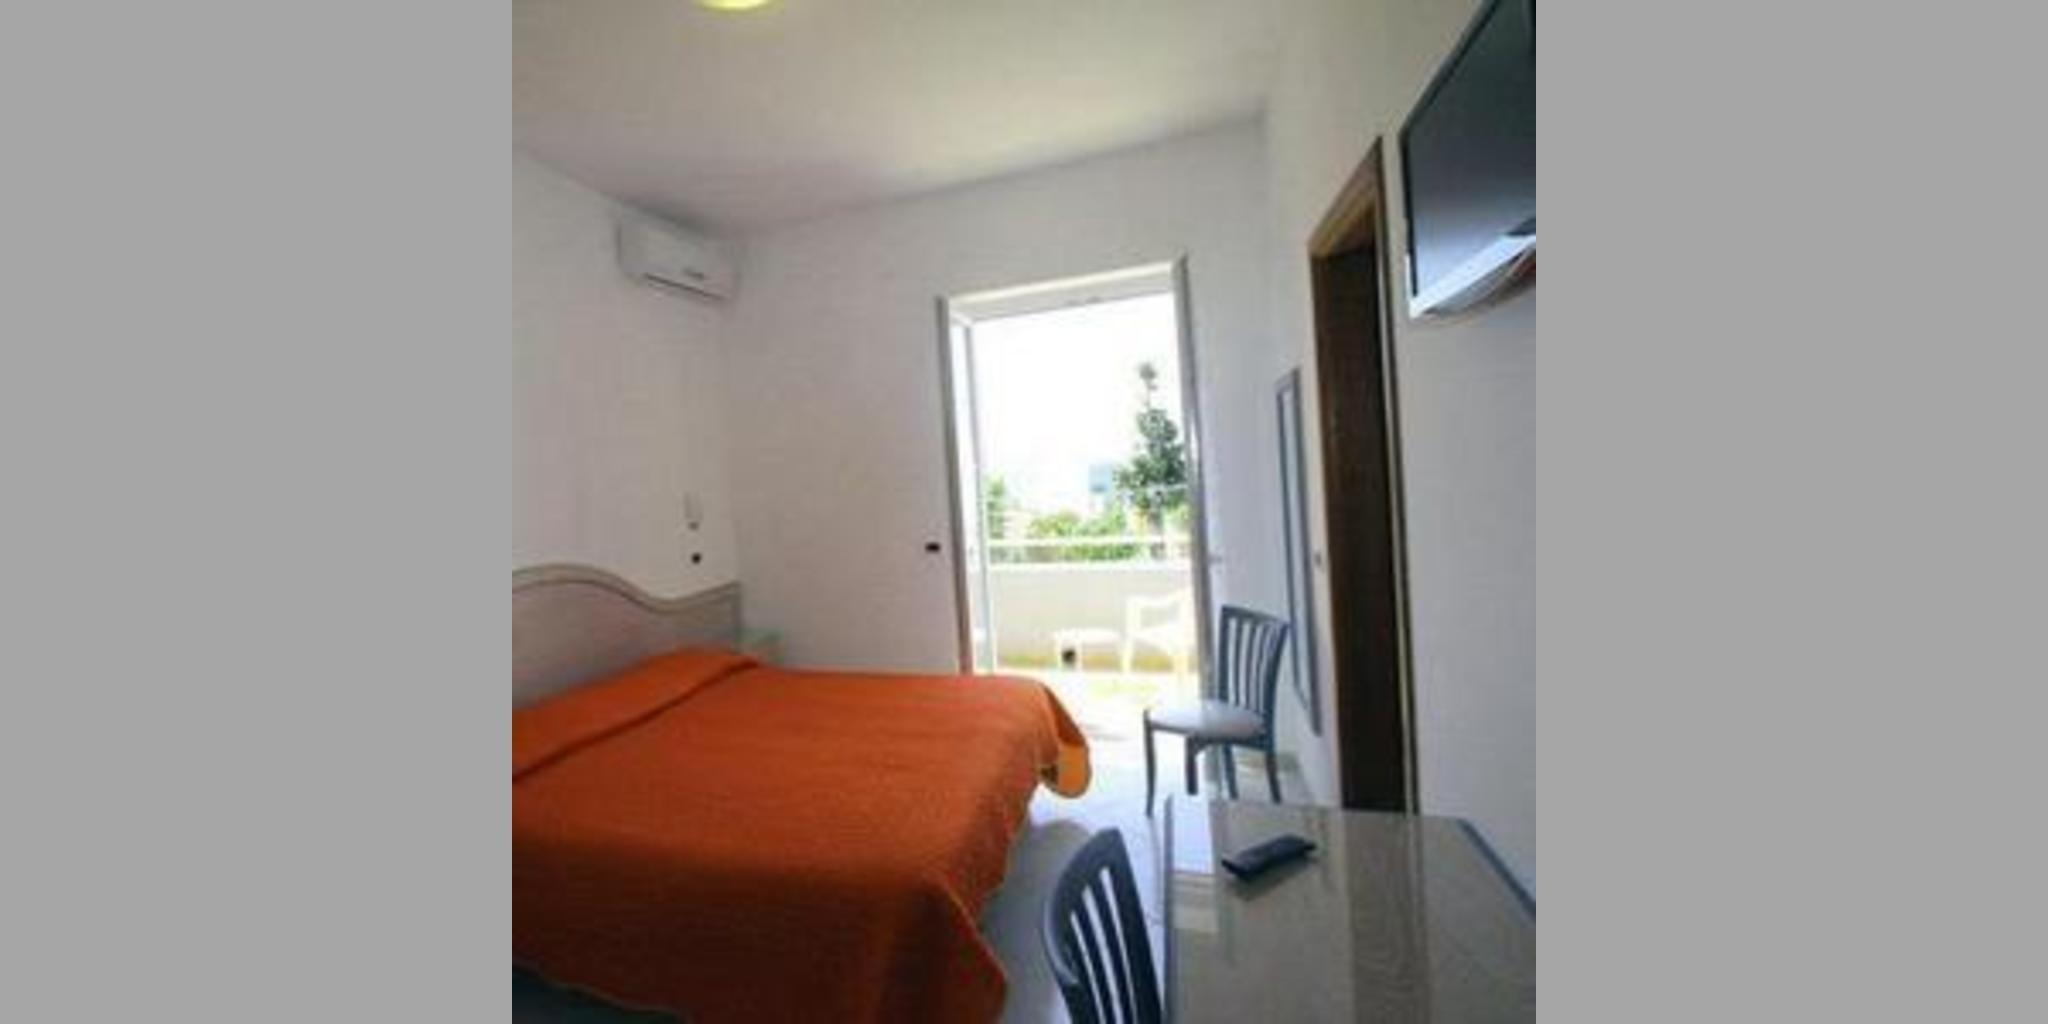 Bed & Breakfast Casamicciola Terme - Sentinella